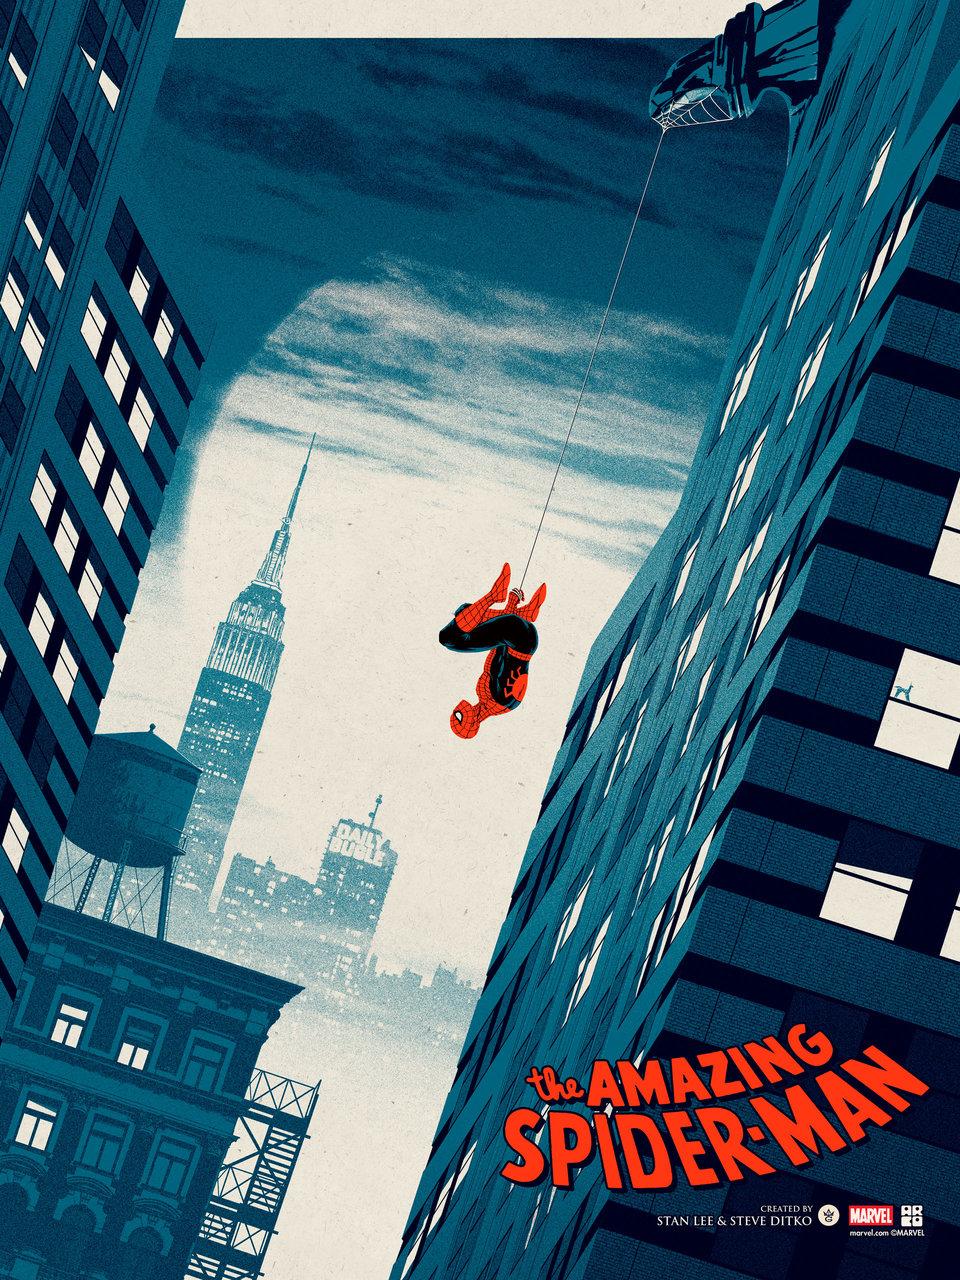 Spider-Man_Matt Ferguson__